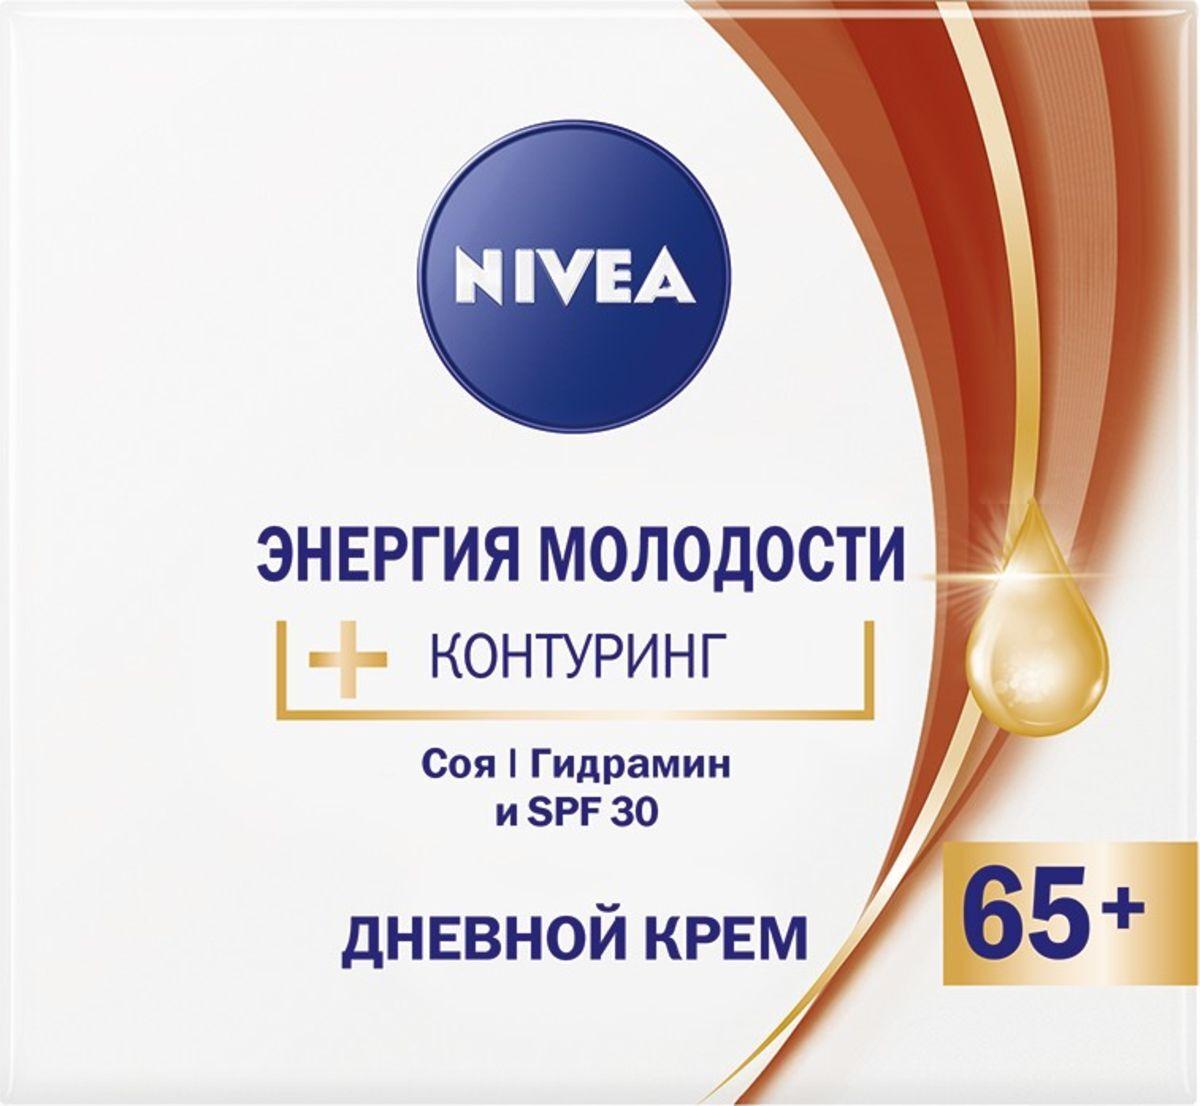 Антивозрастной дневной крем Nivea Энергия Молодости 65+, 50 мл Nivea